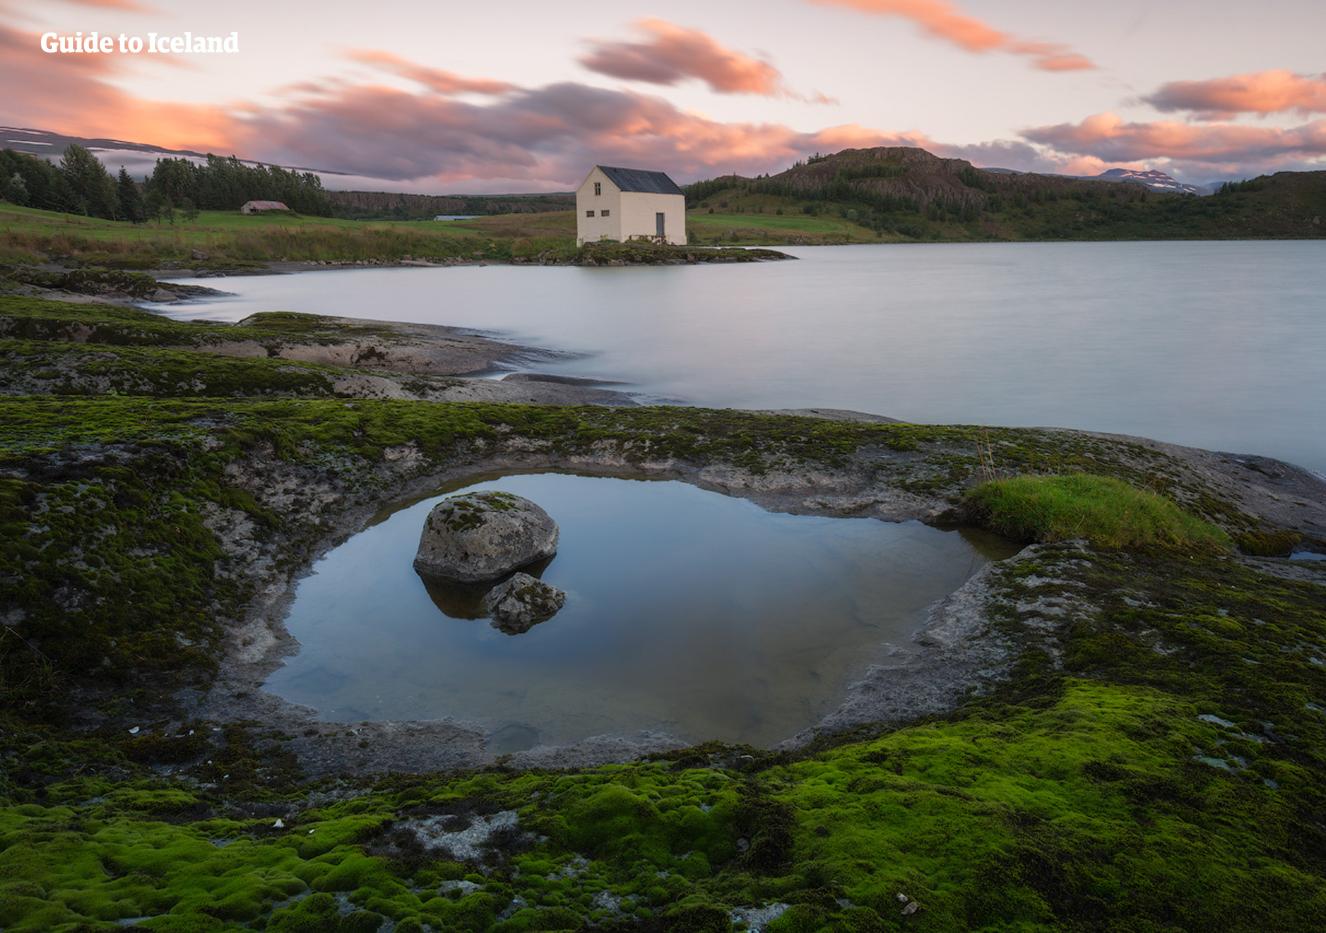 据说在冰岛东部的拉加尔河中住了一只巨型的水怪